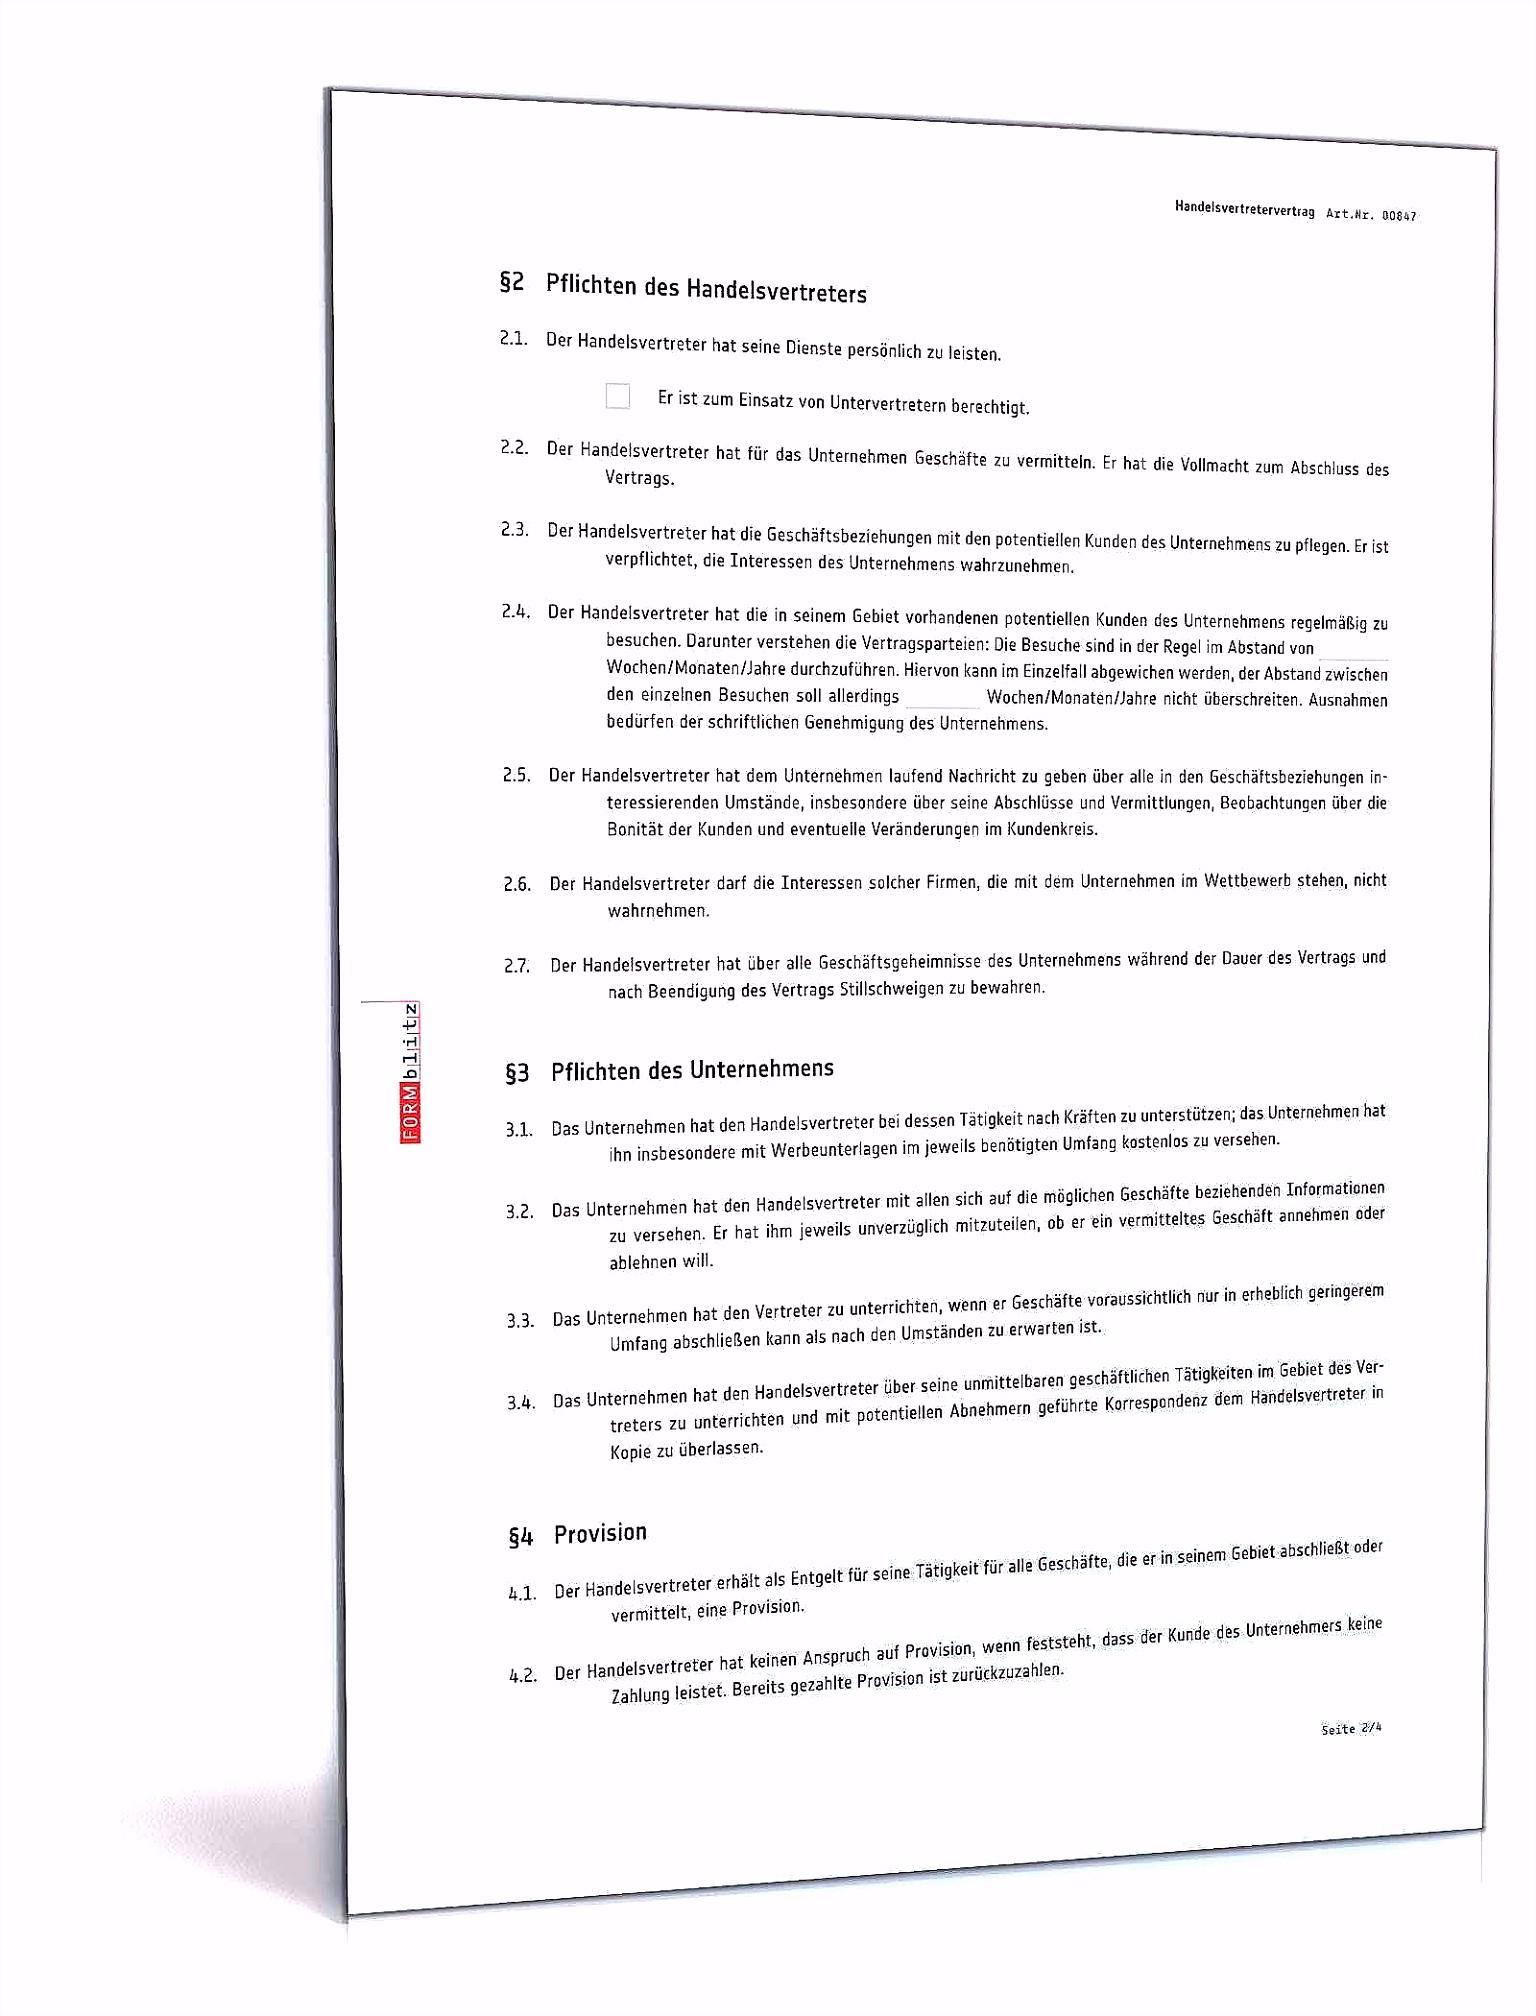 Vorlage Arbeitszeitkonto 55 Erstaunliche Fotografieren Der Schriftliche Vereinbarung Mit A3rx45qke5 T4ysm2excu